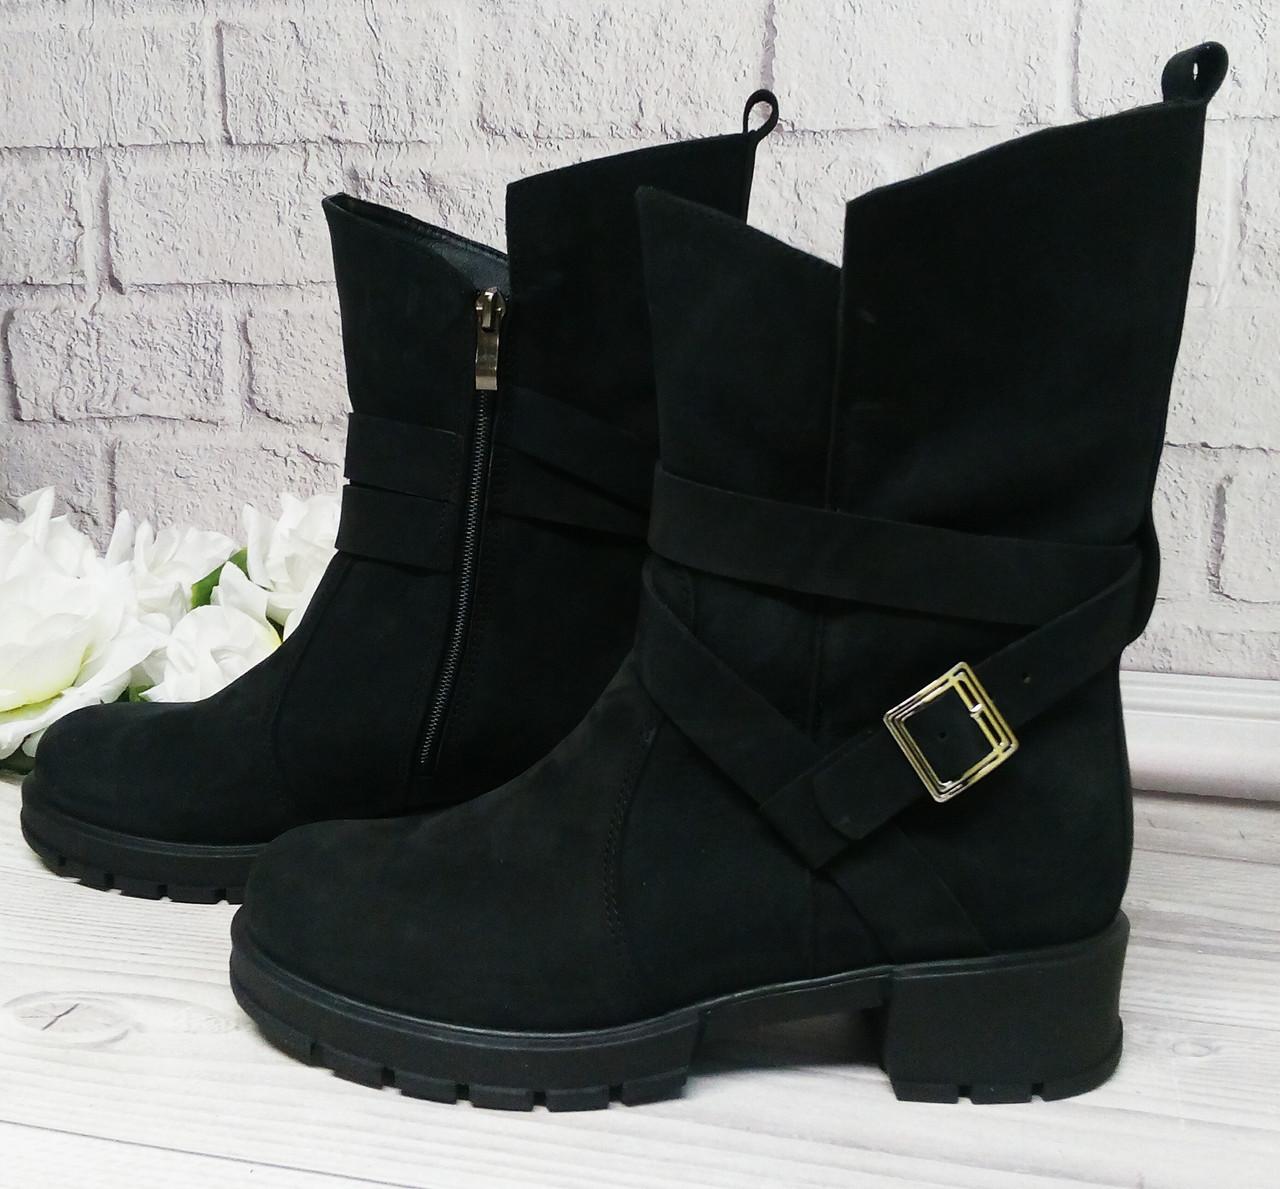 Женские ботинки на каблуке, натуральный нубук